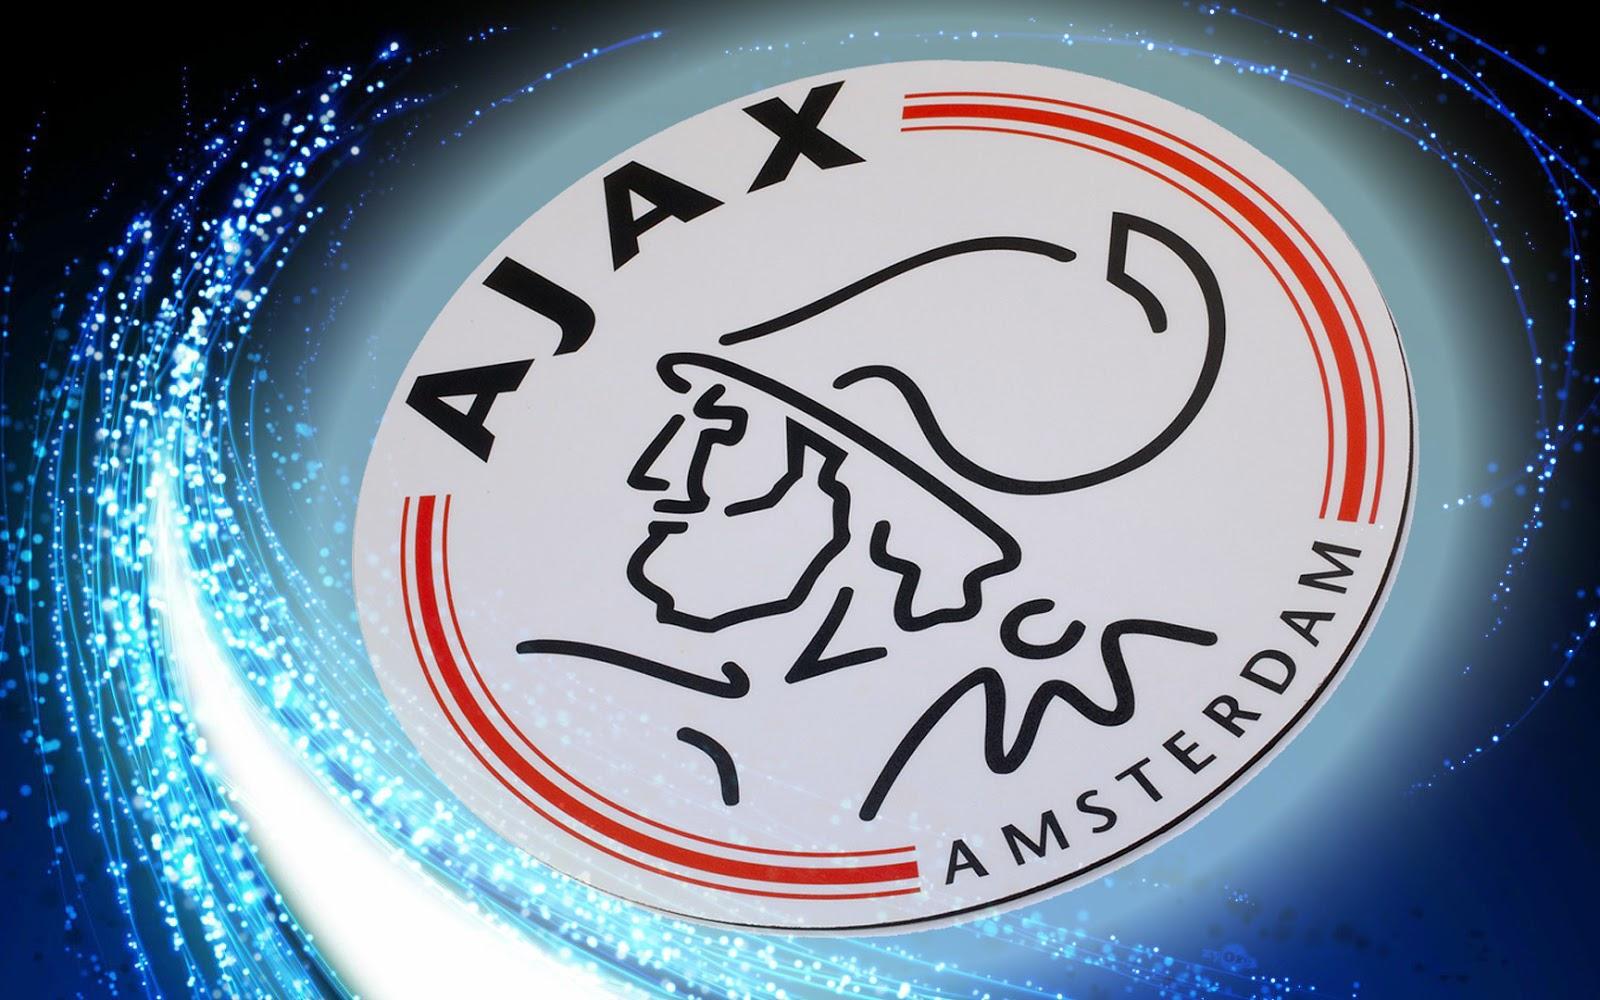 Blauwe Ajax wallpaper met groot logo